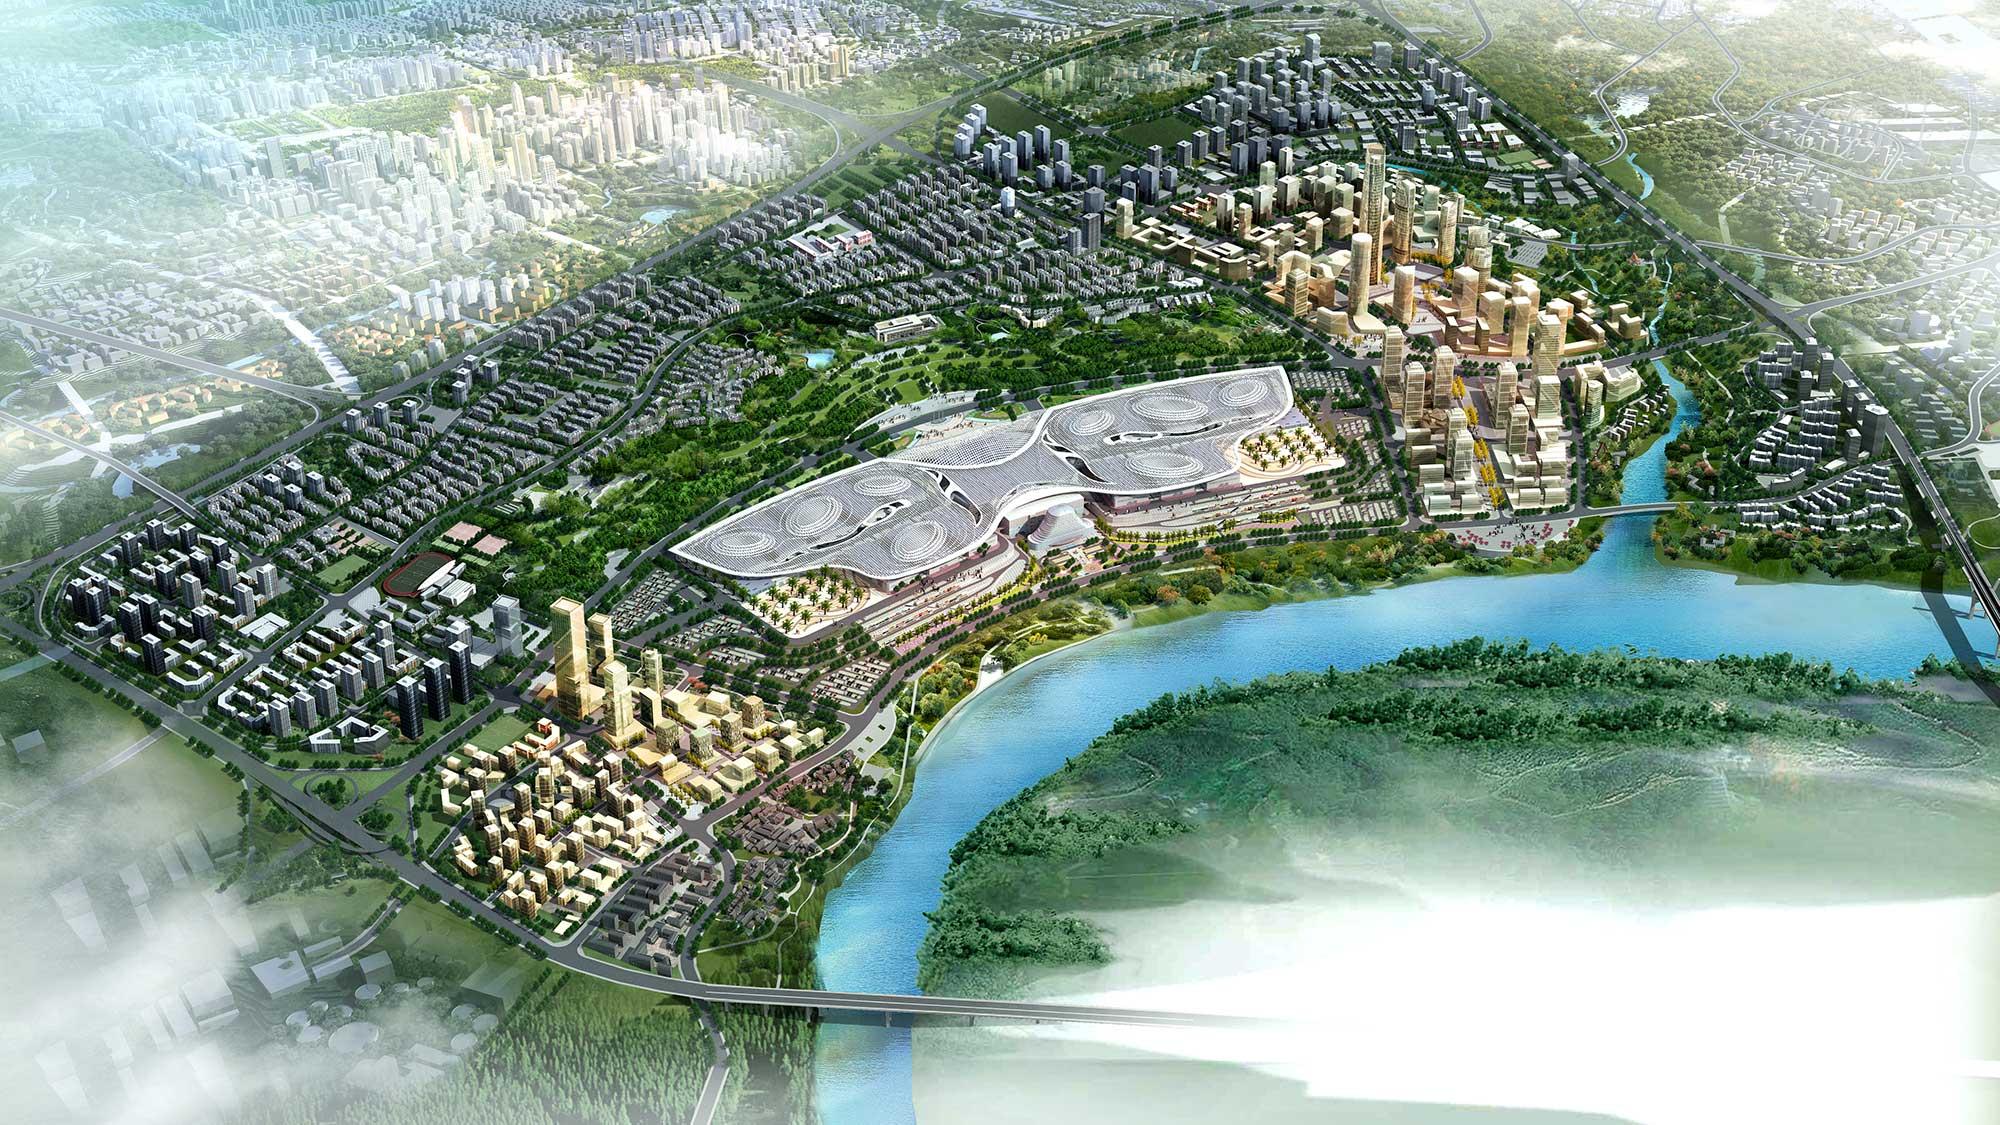 Chongqing Yuelai sponge city